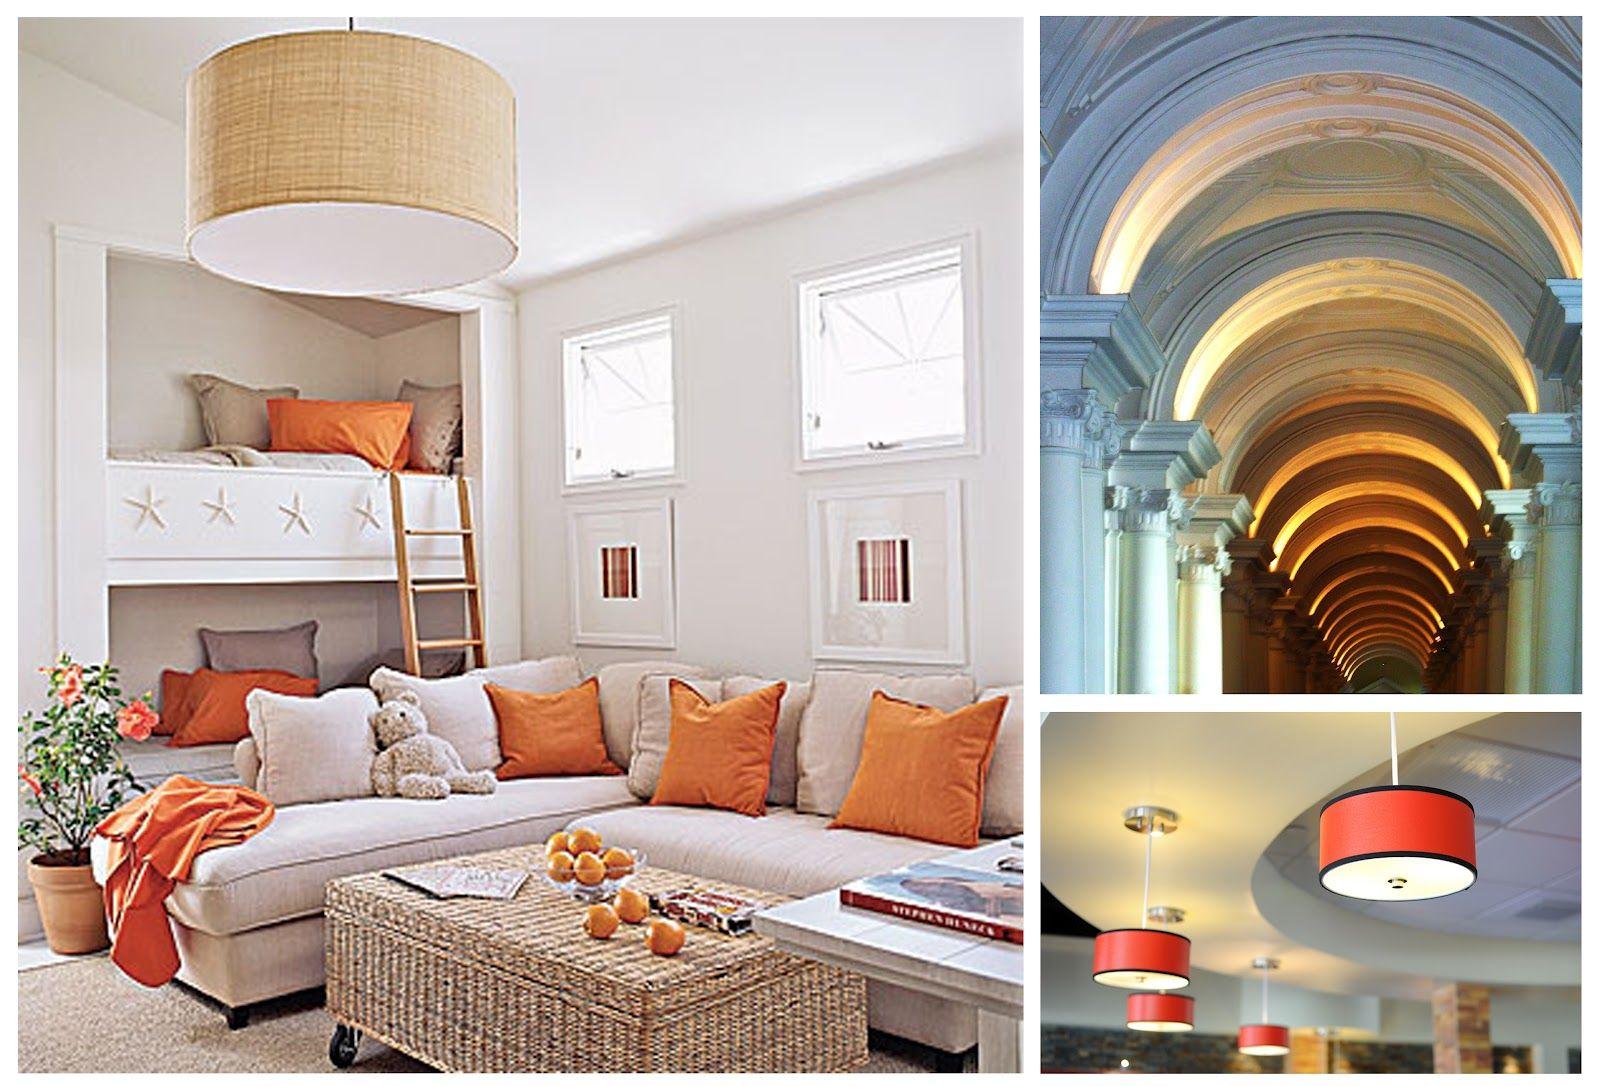 New Repetition In Interior Design